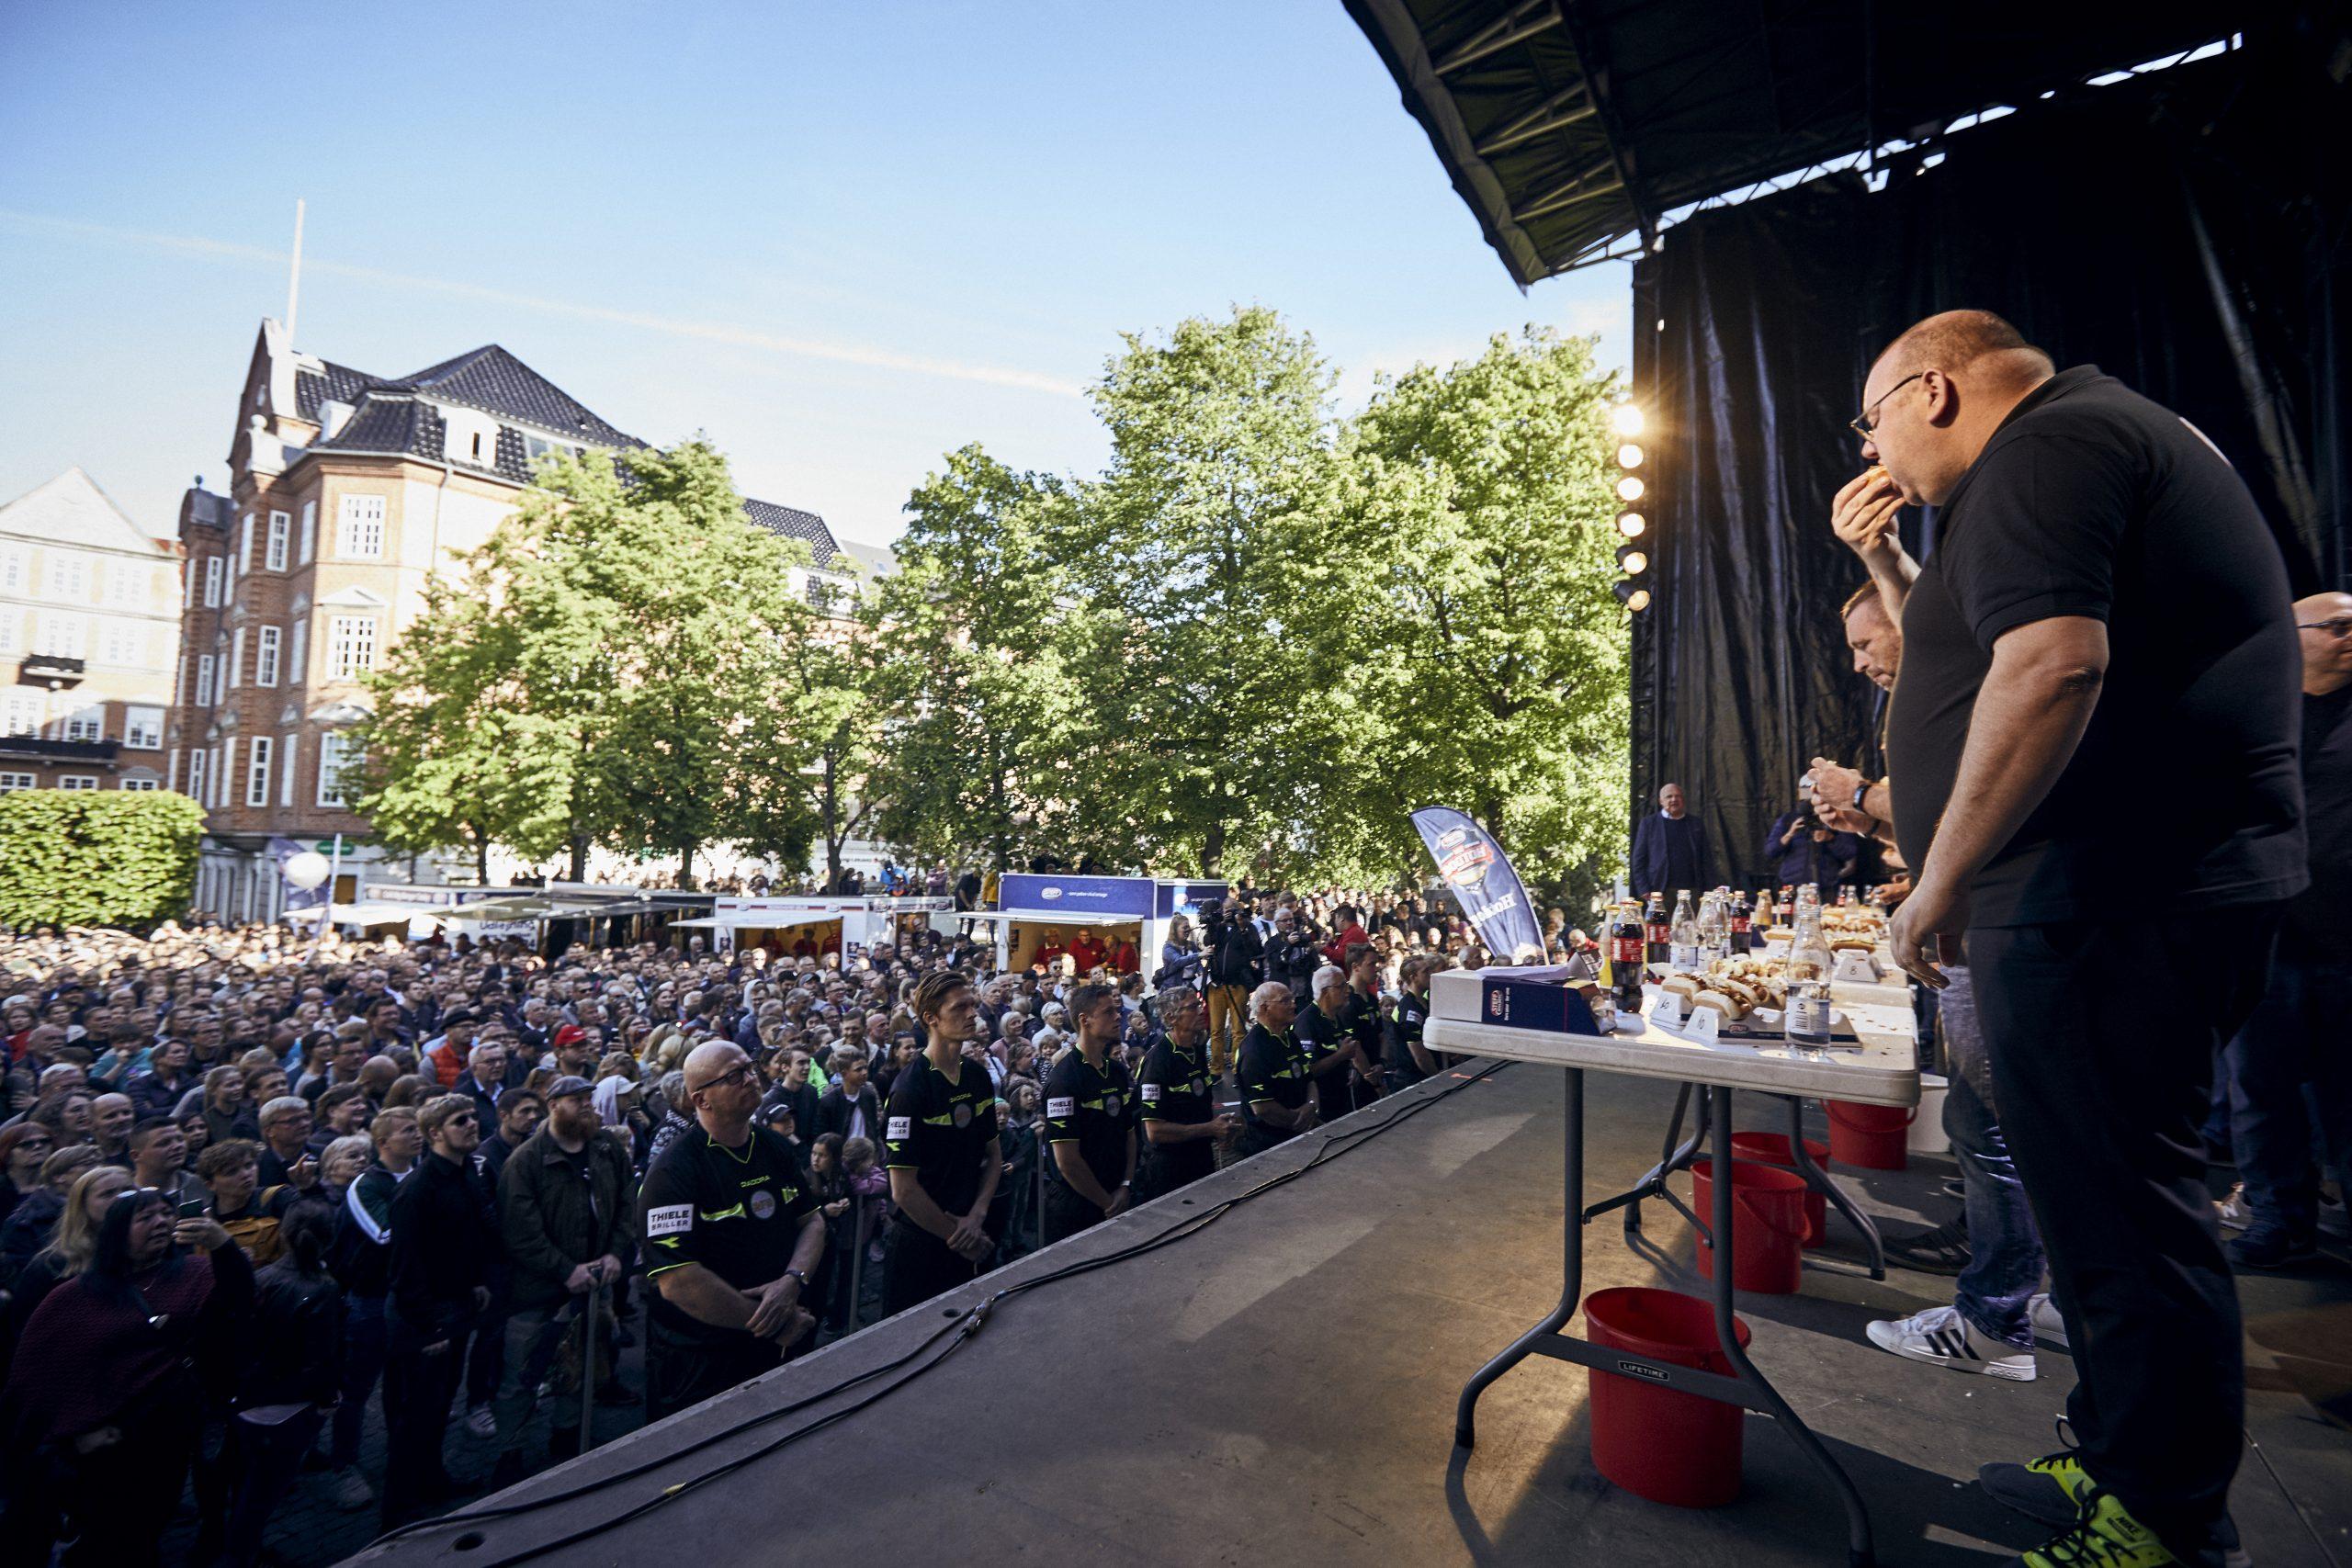 Der bliver knald på: Så meget sker der på fredag i Aalborg